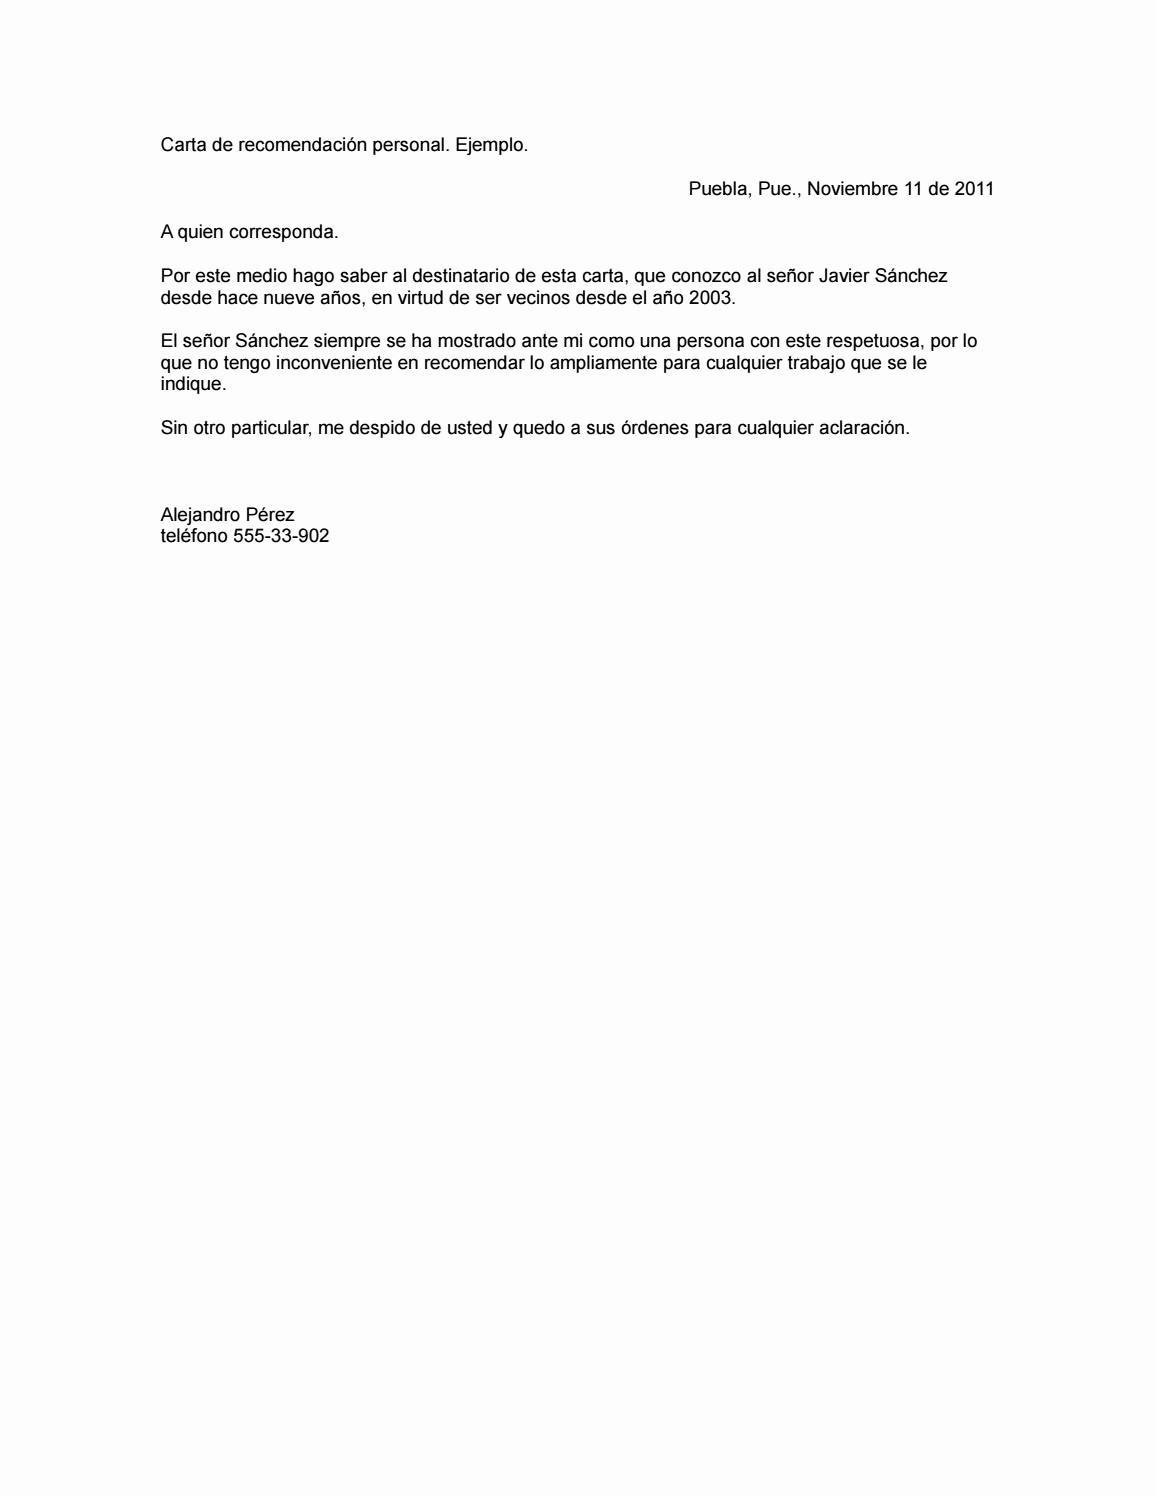 Carta De Recomendacion Personal Ejemplo Elegant Carta De Re Endacion Personal by Jeniffer tobar issuu